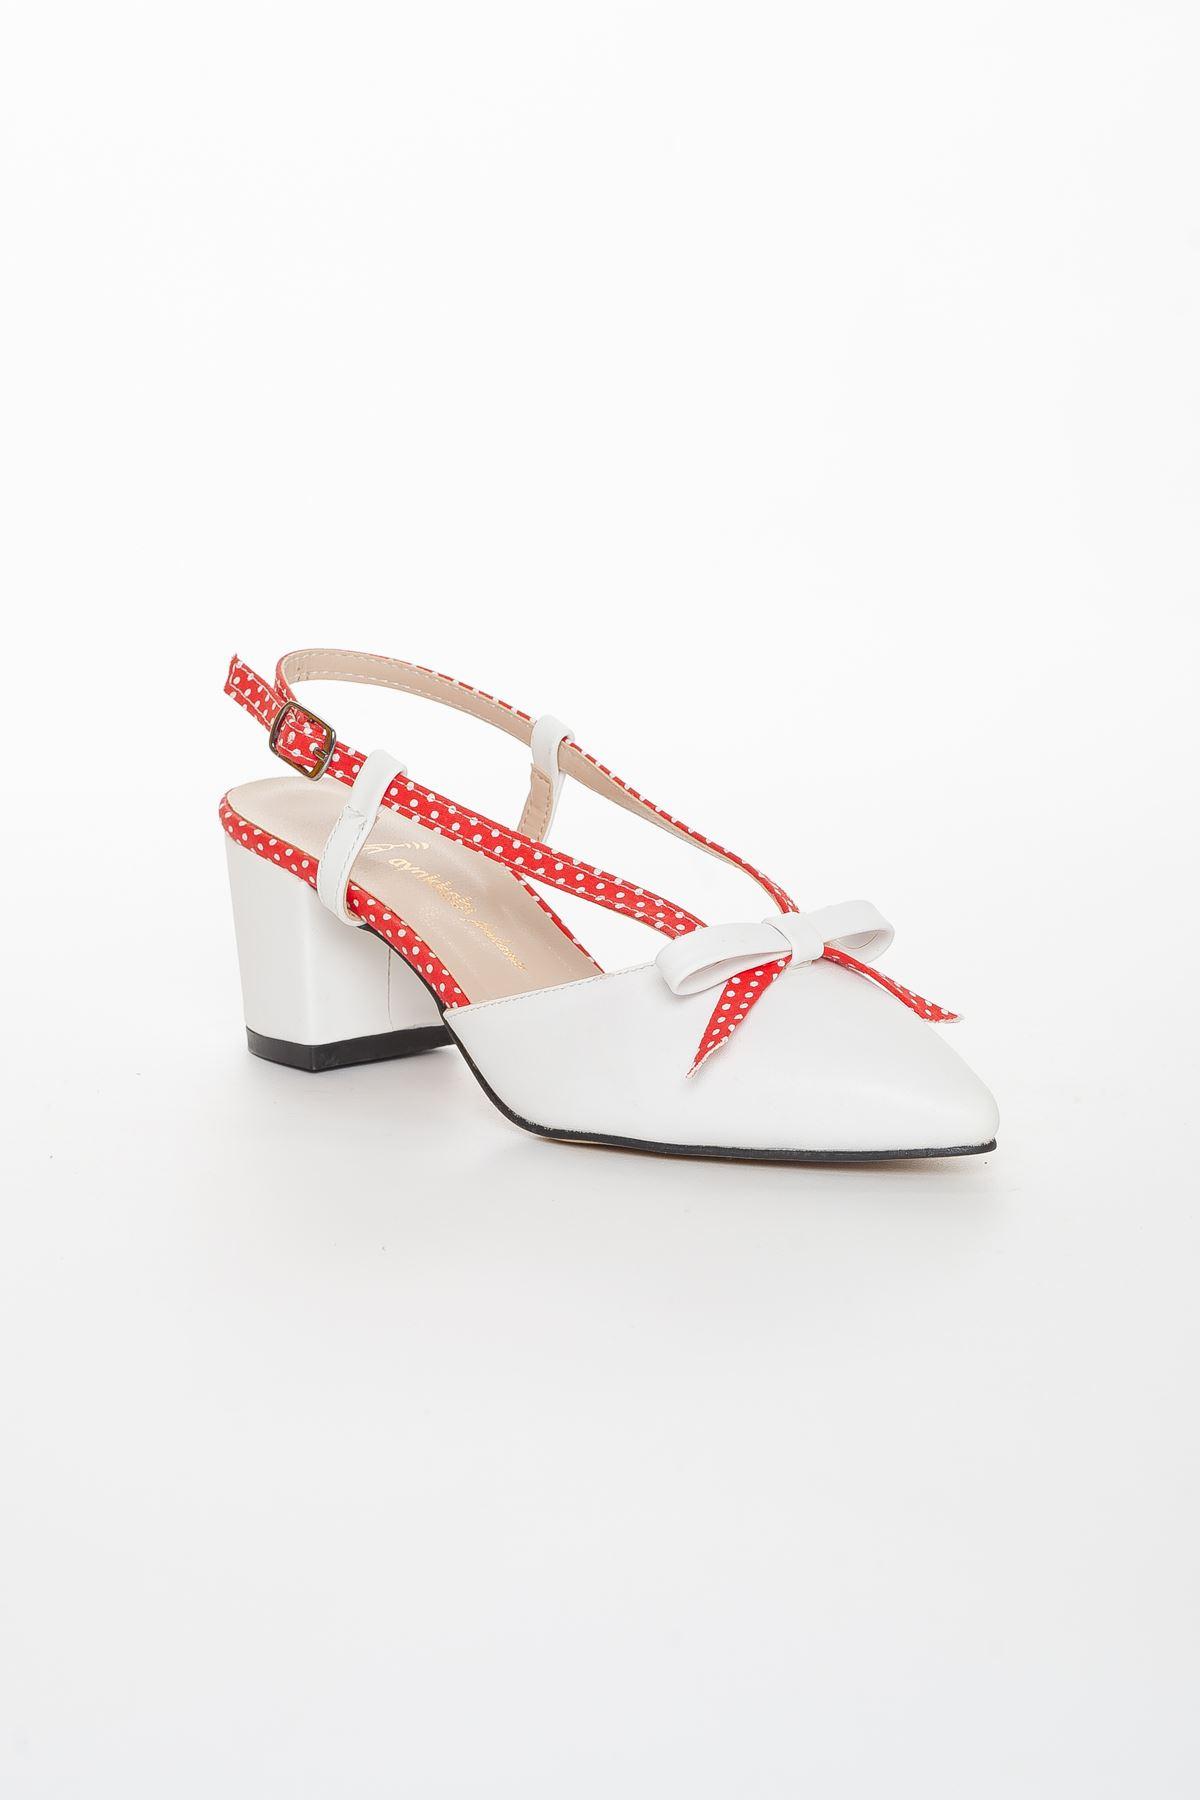 Felicia Topuklu Ayakkabı BEYAZ-KIRMIZI